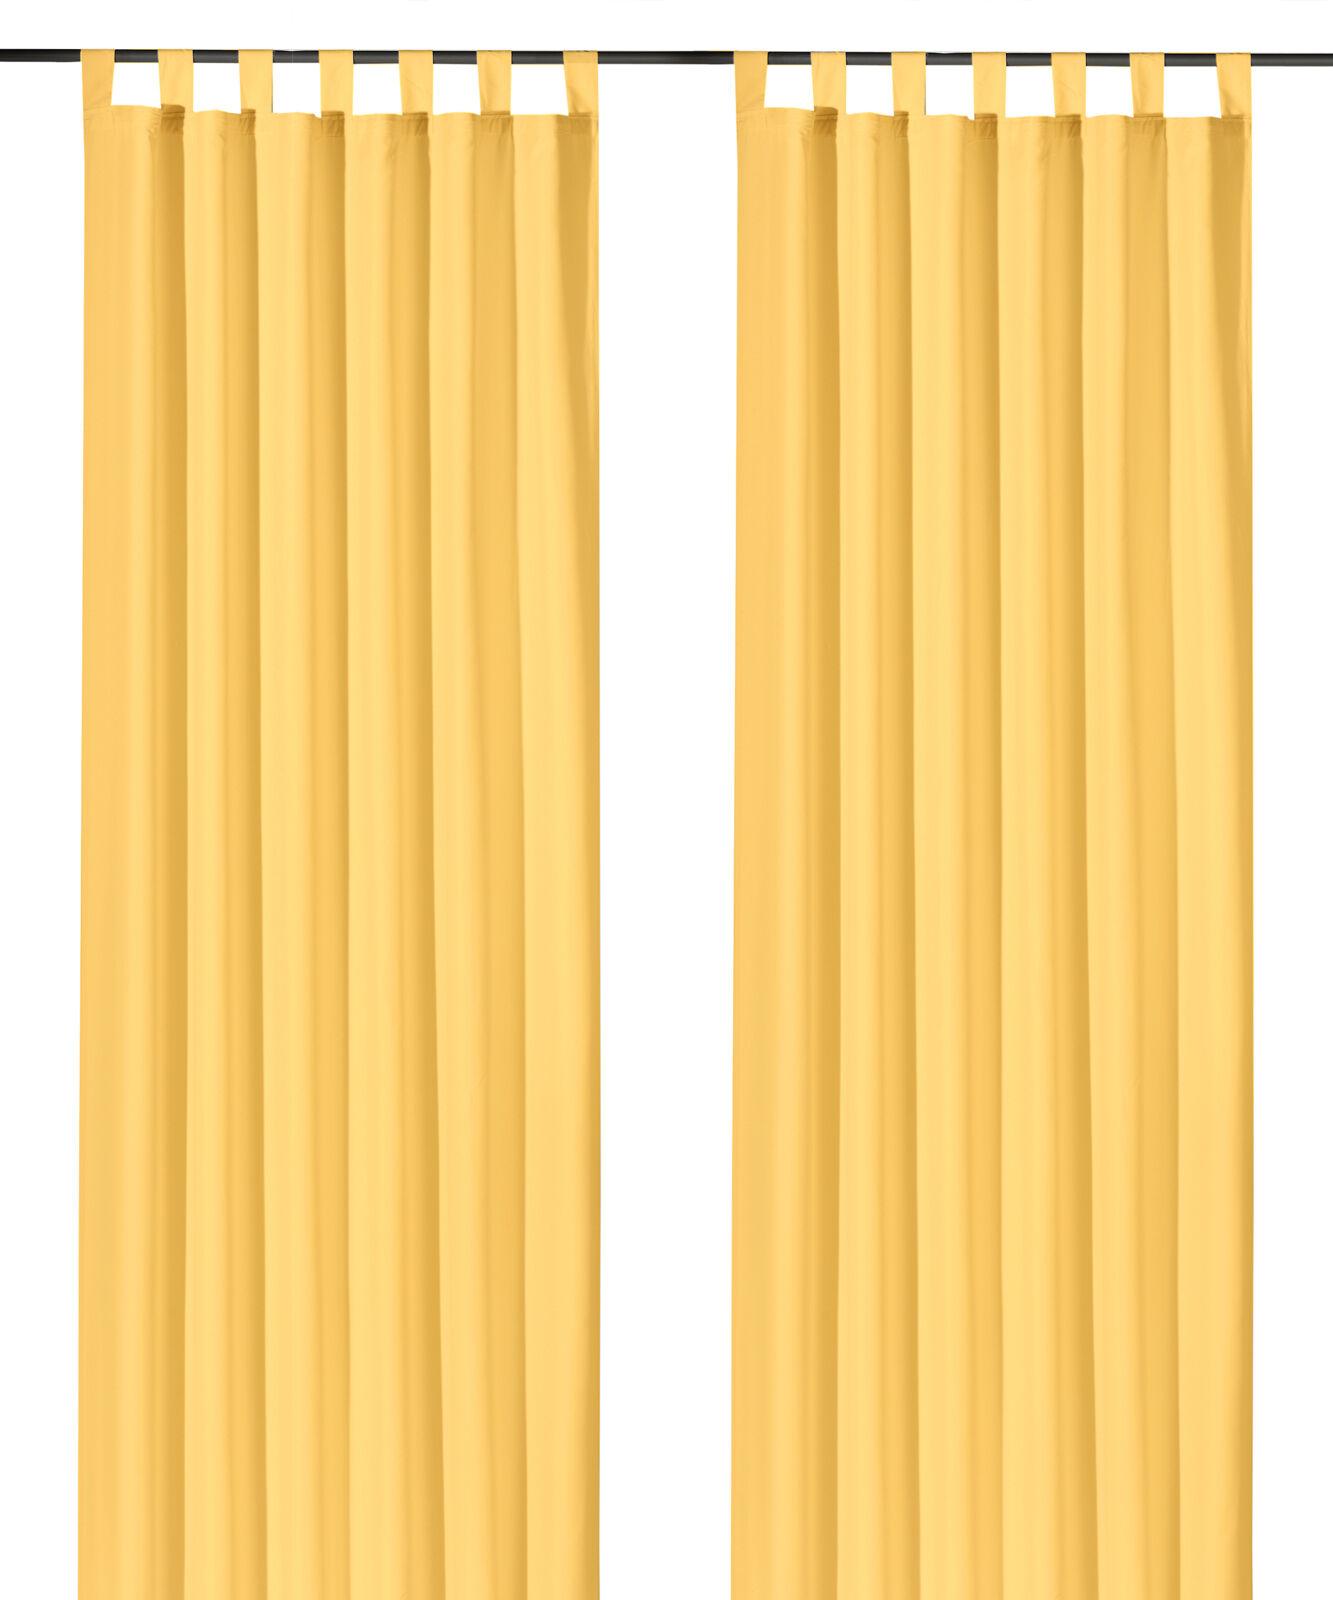 Schlaufenschal-inkl-Kraeuselband-blickdicht-Gardine-Vorhang-Dekoschal-Uni-Typ117 Indexbild 27